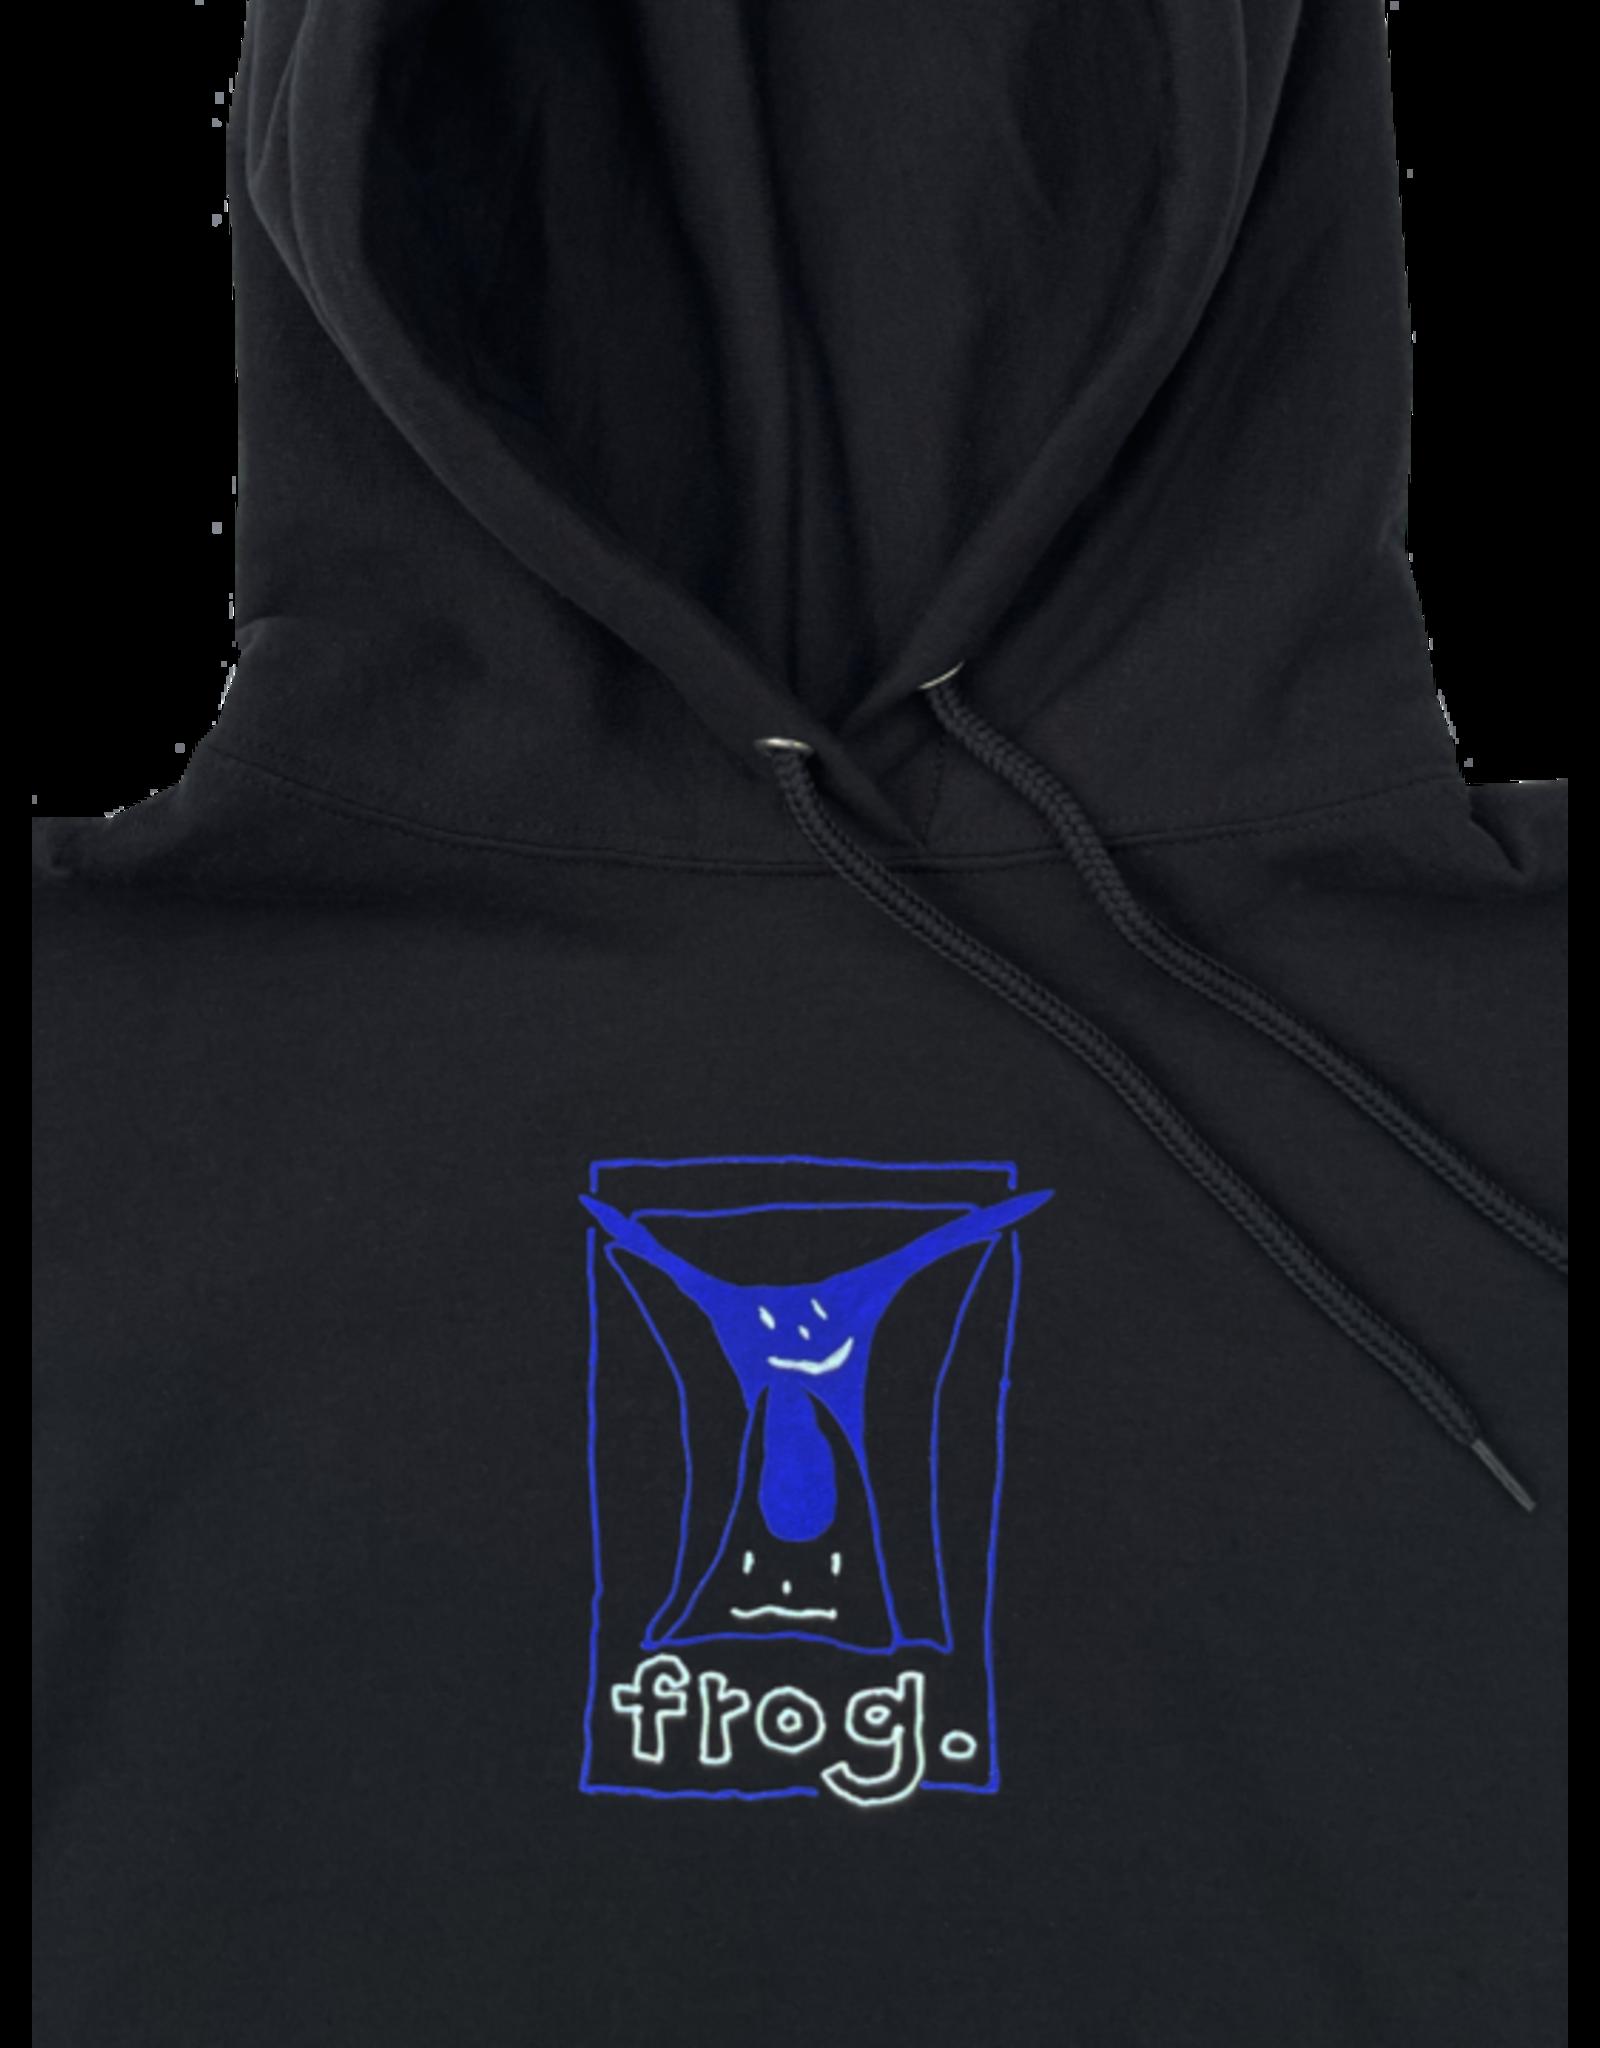 Frog Jumpy Punk Logo Hoodie - Black